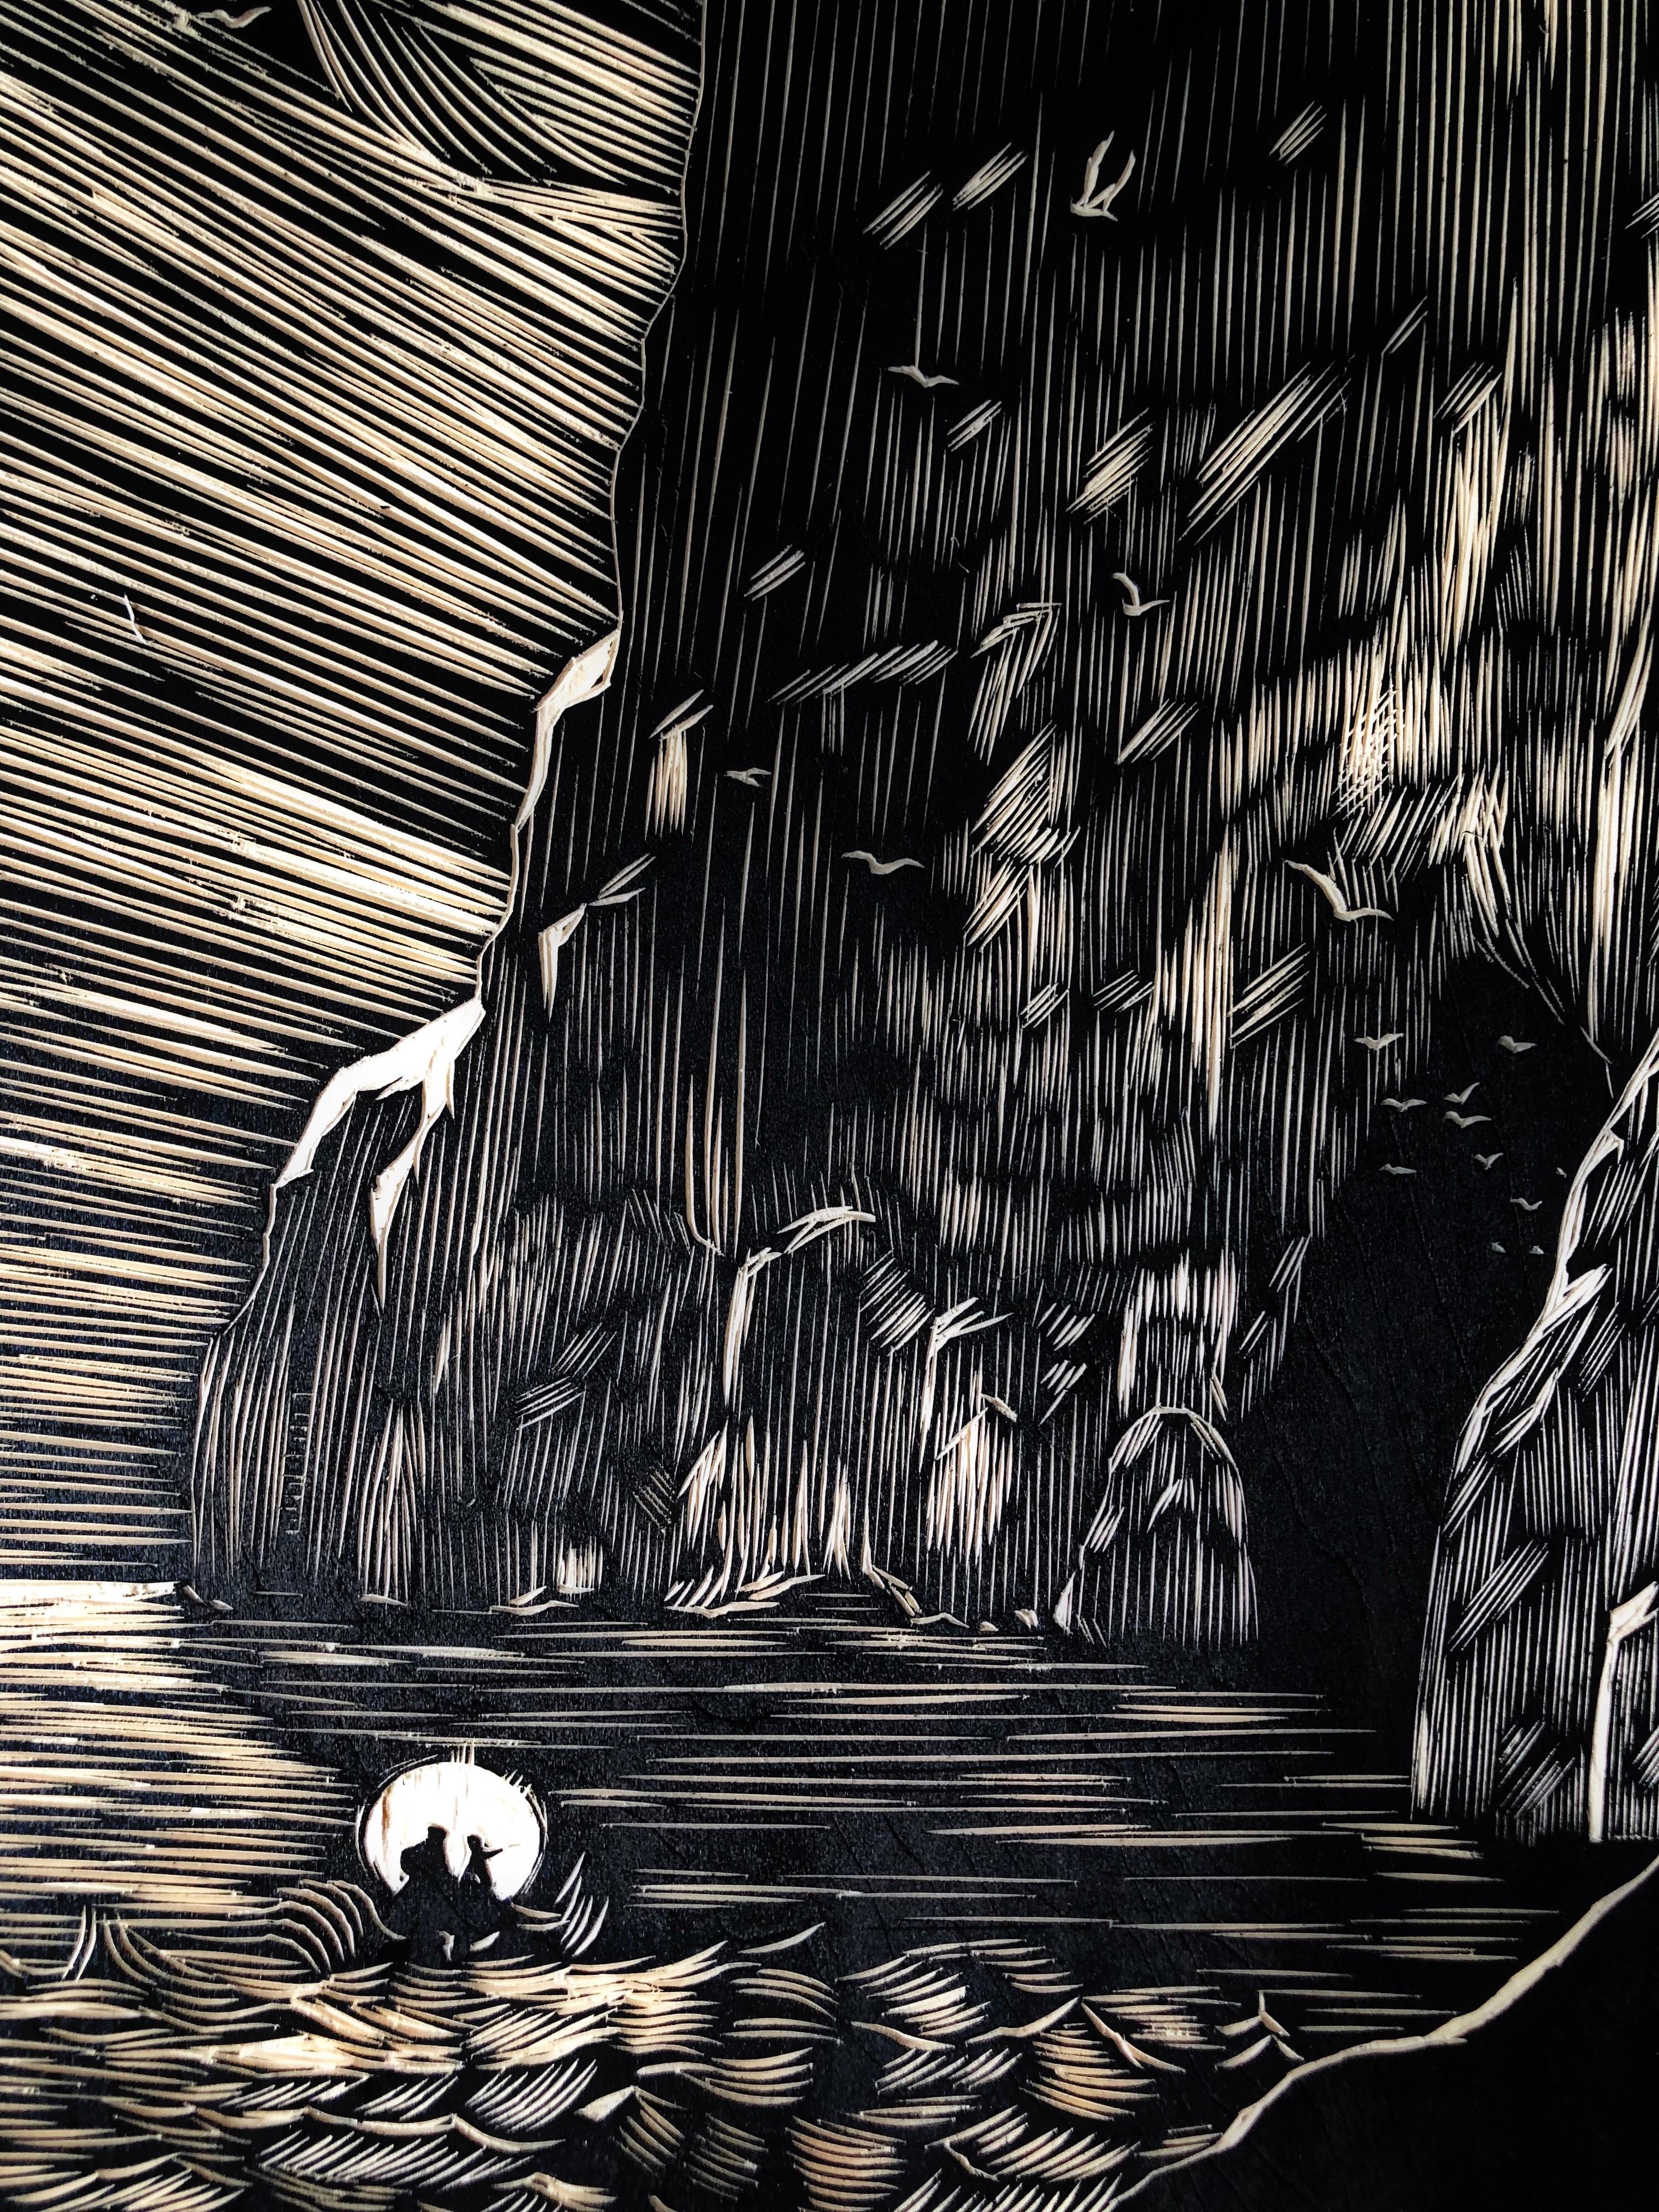 手工雕刻黑白木版画《探险》